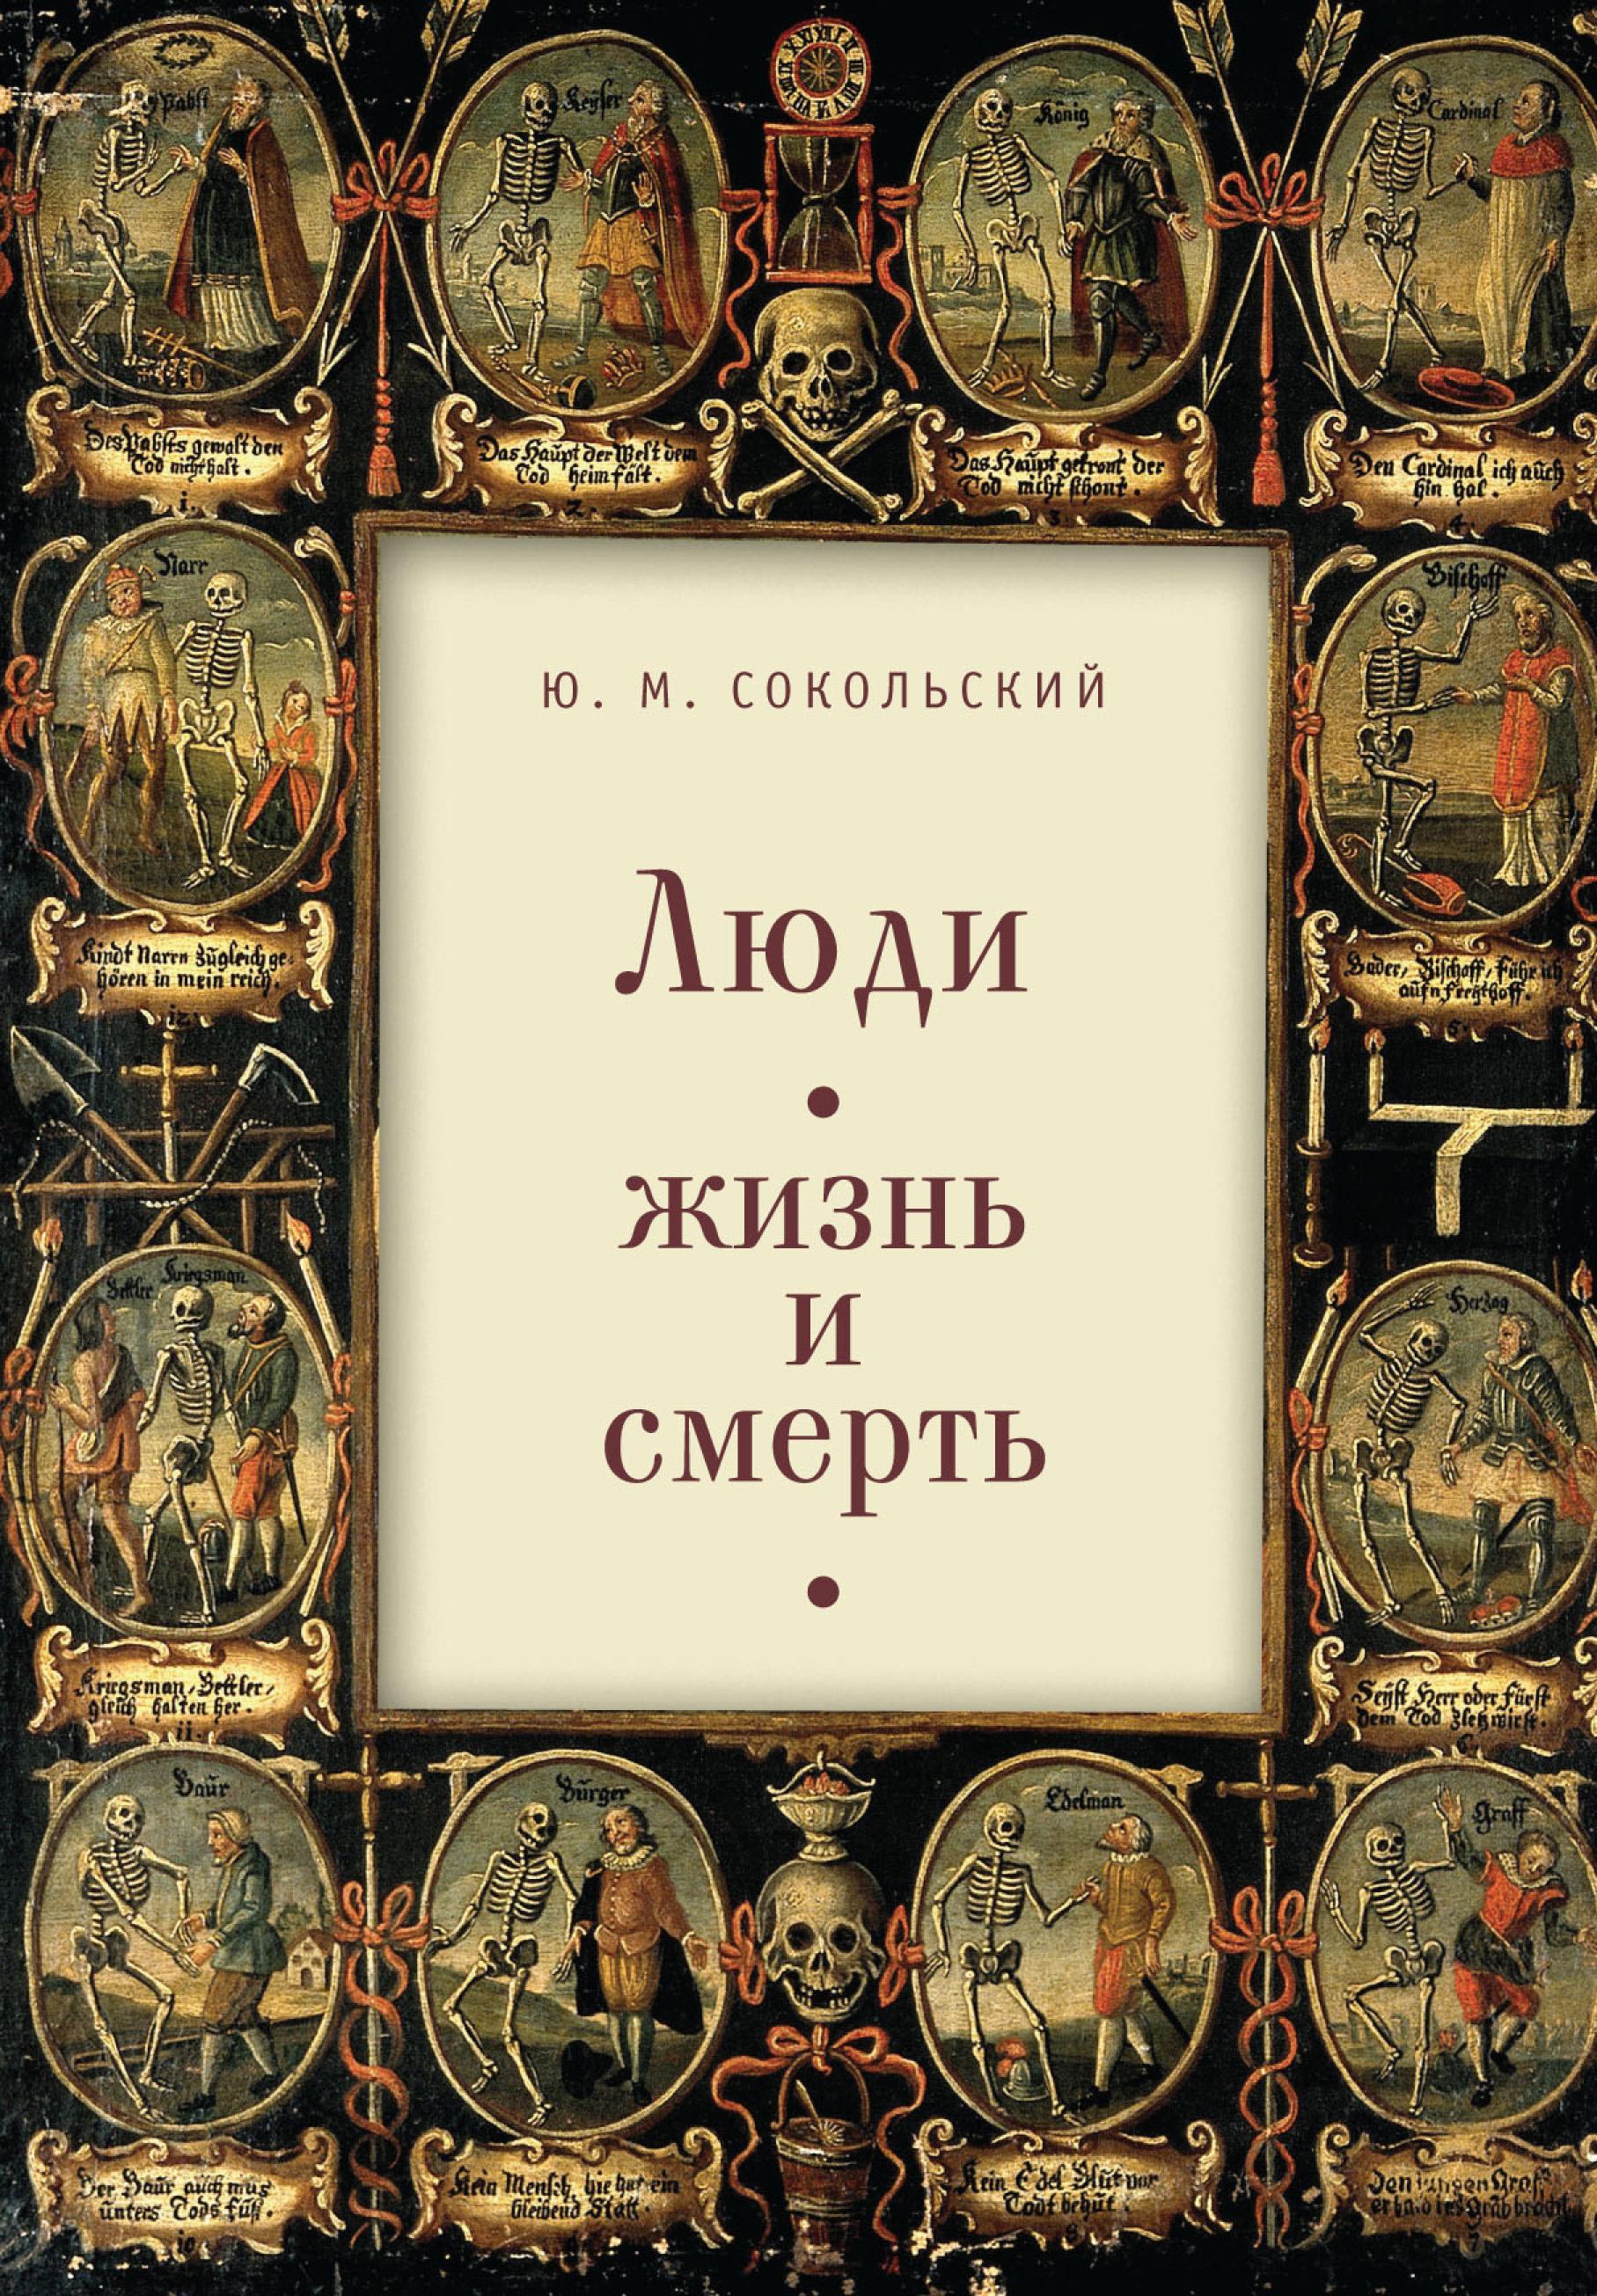 Купить книгу Люди: жизнь и смерть, автора Юрия Мироновича Сокольского